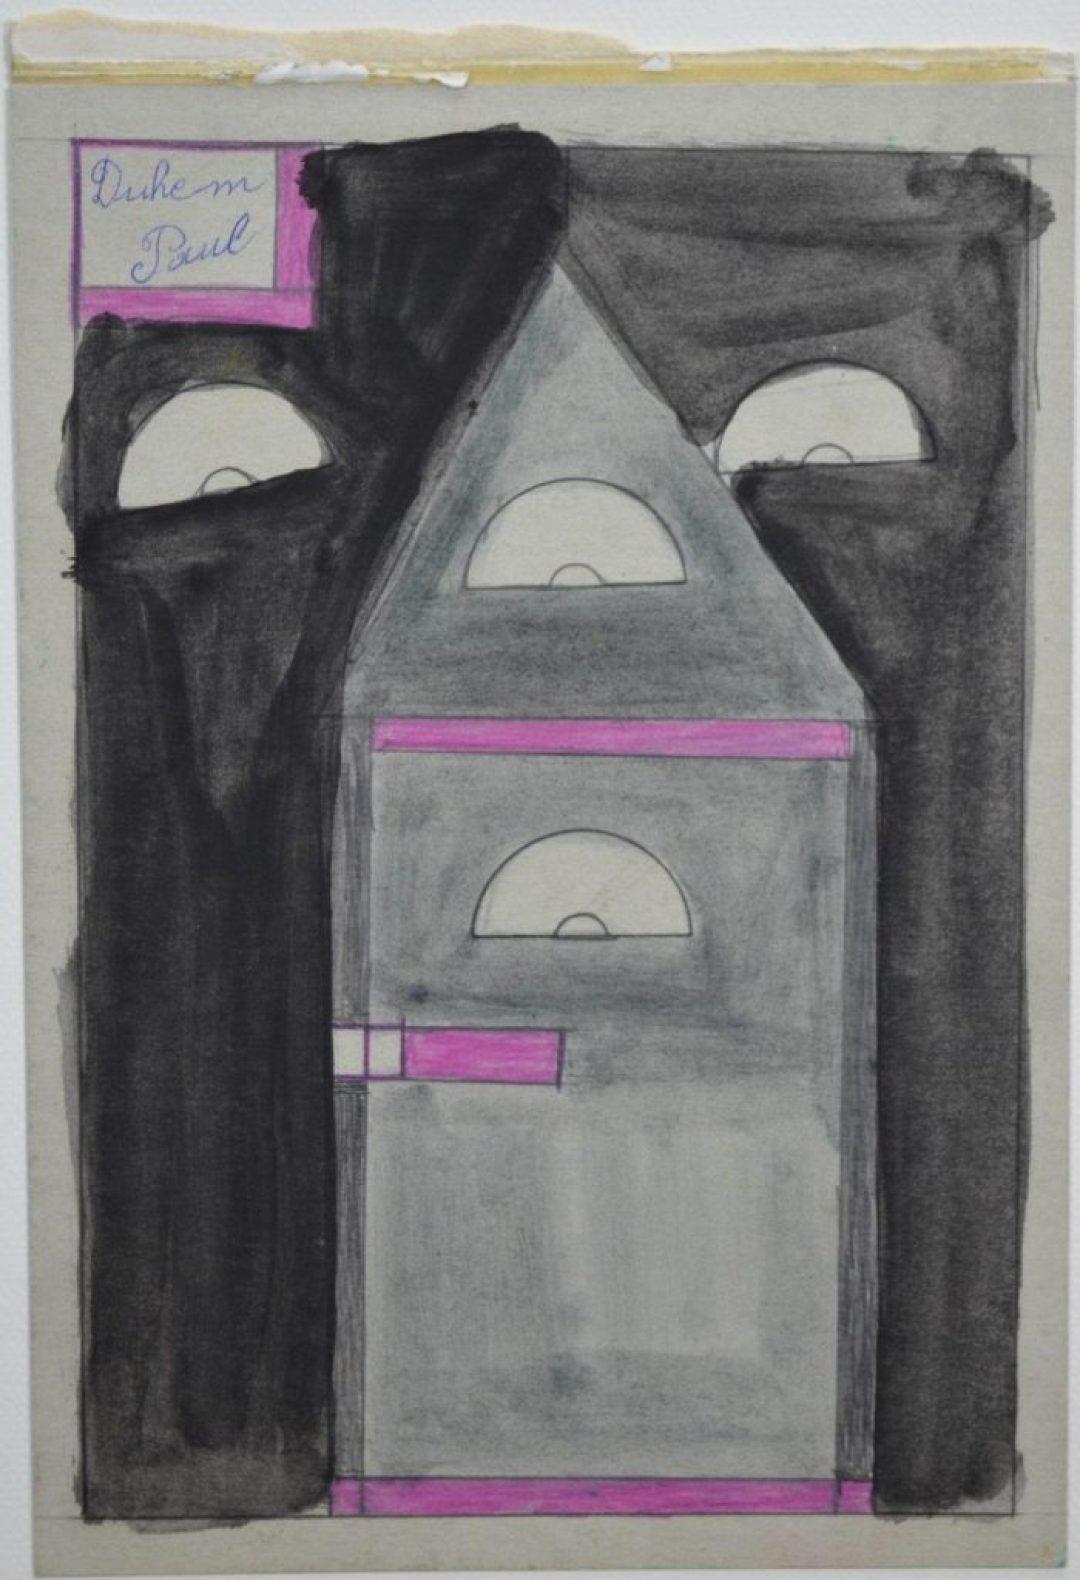 Paul Duhem, sans titre, 1996, crayons de couleur et peinture à l'huile sur carton, 29,7 x 21 cm